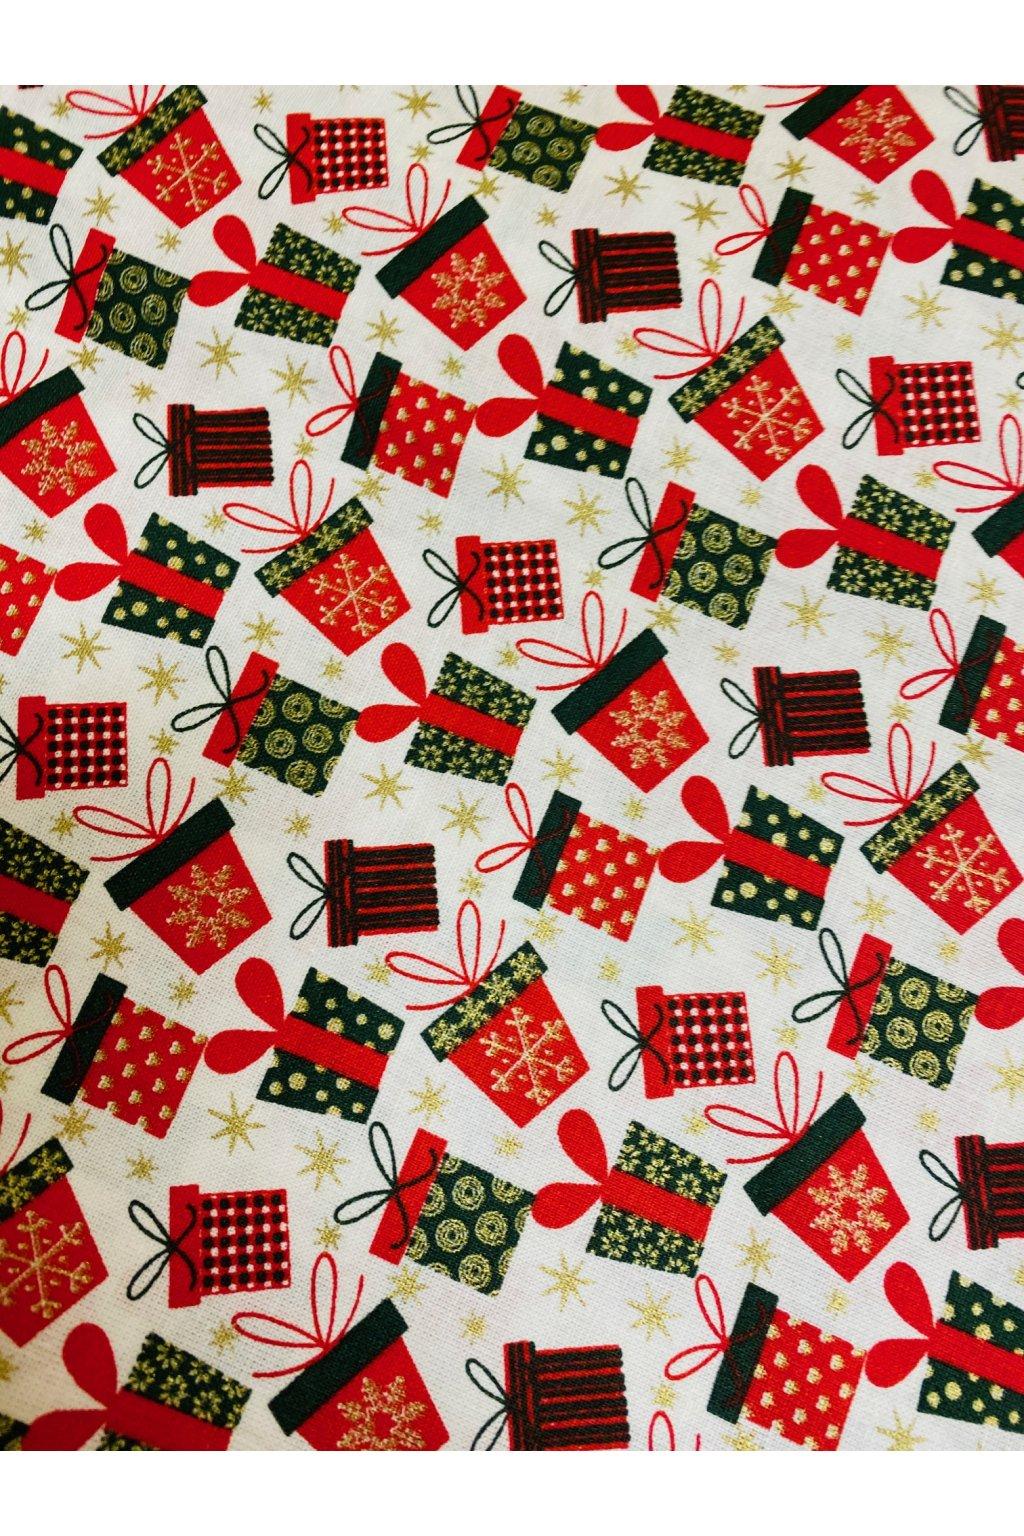 Vrecko na mikulášsku nádielku a vianočné darčeky • Darčeky